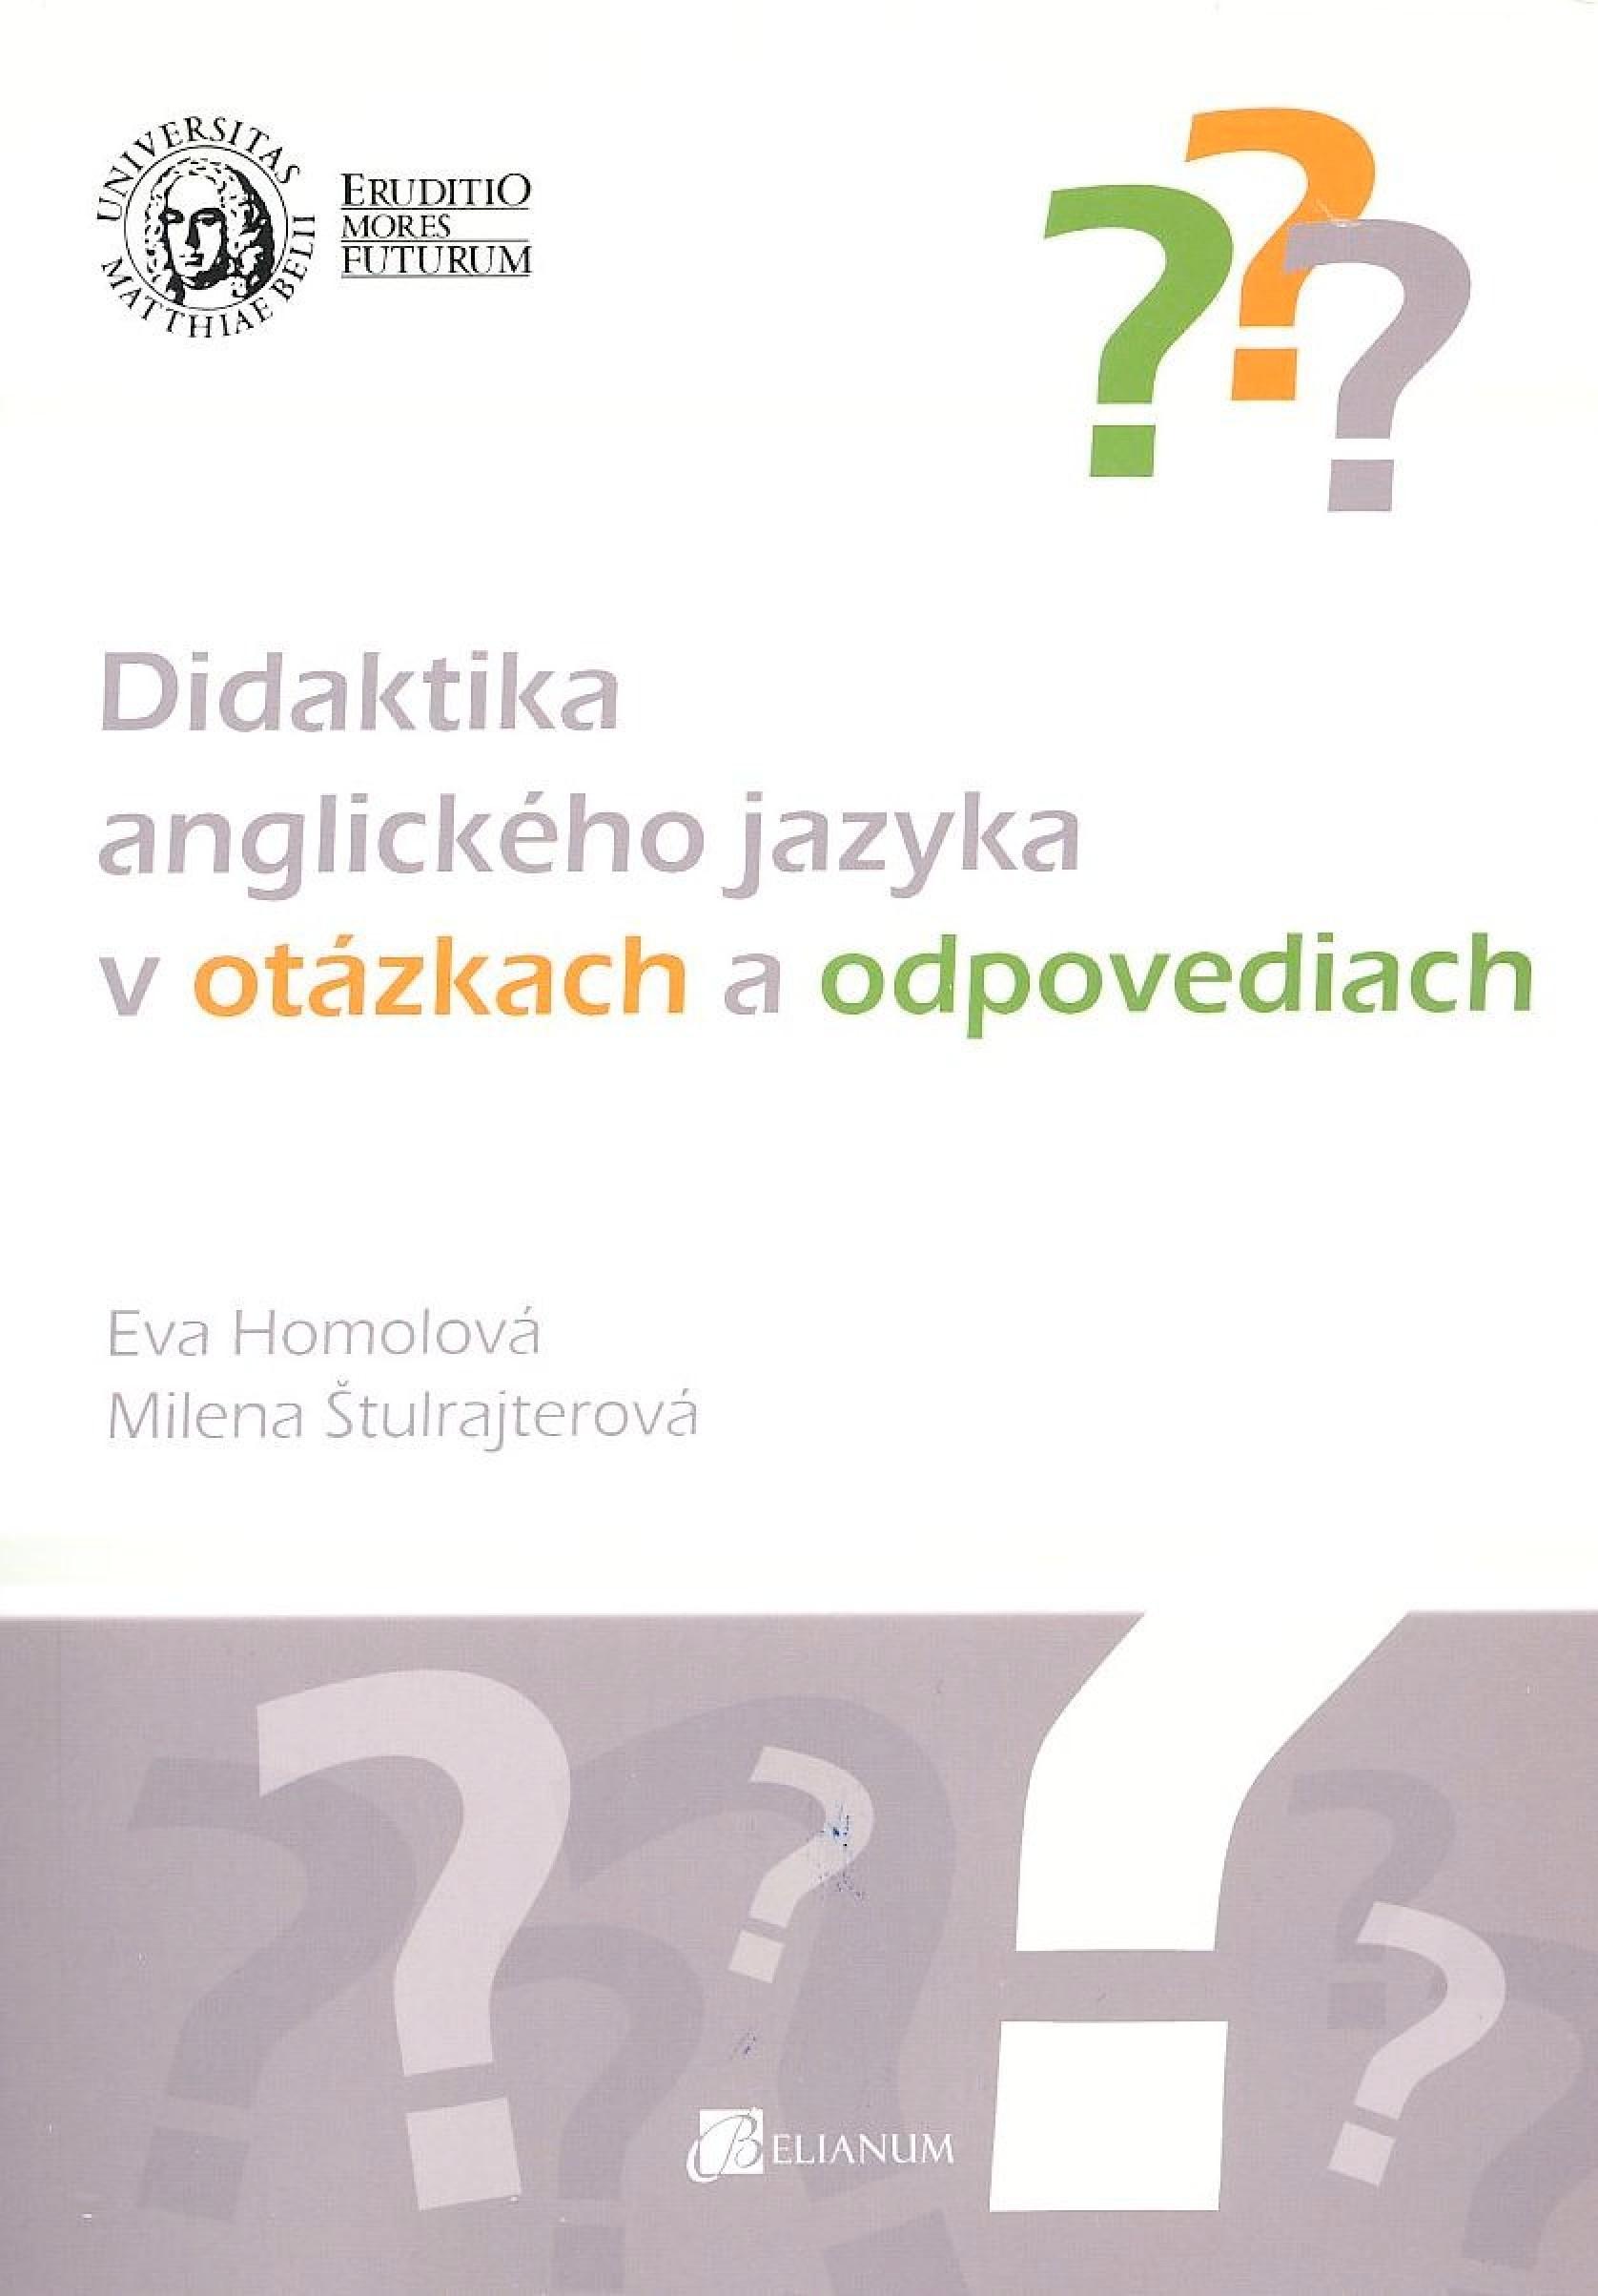 Didaktika anglického jazyka v otázkach a odpovediach